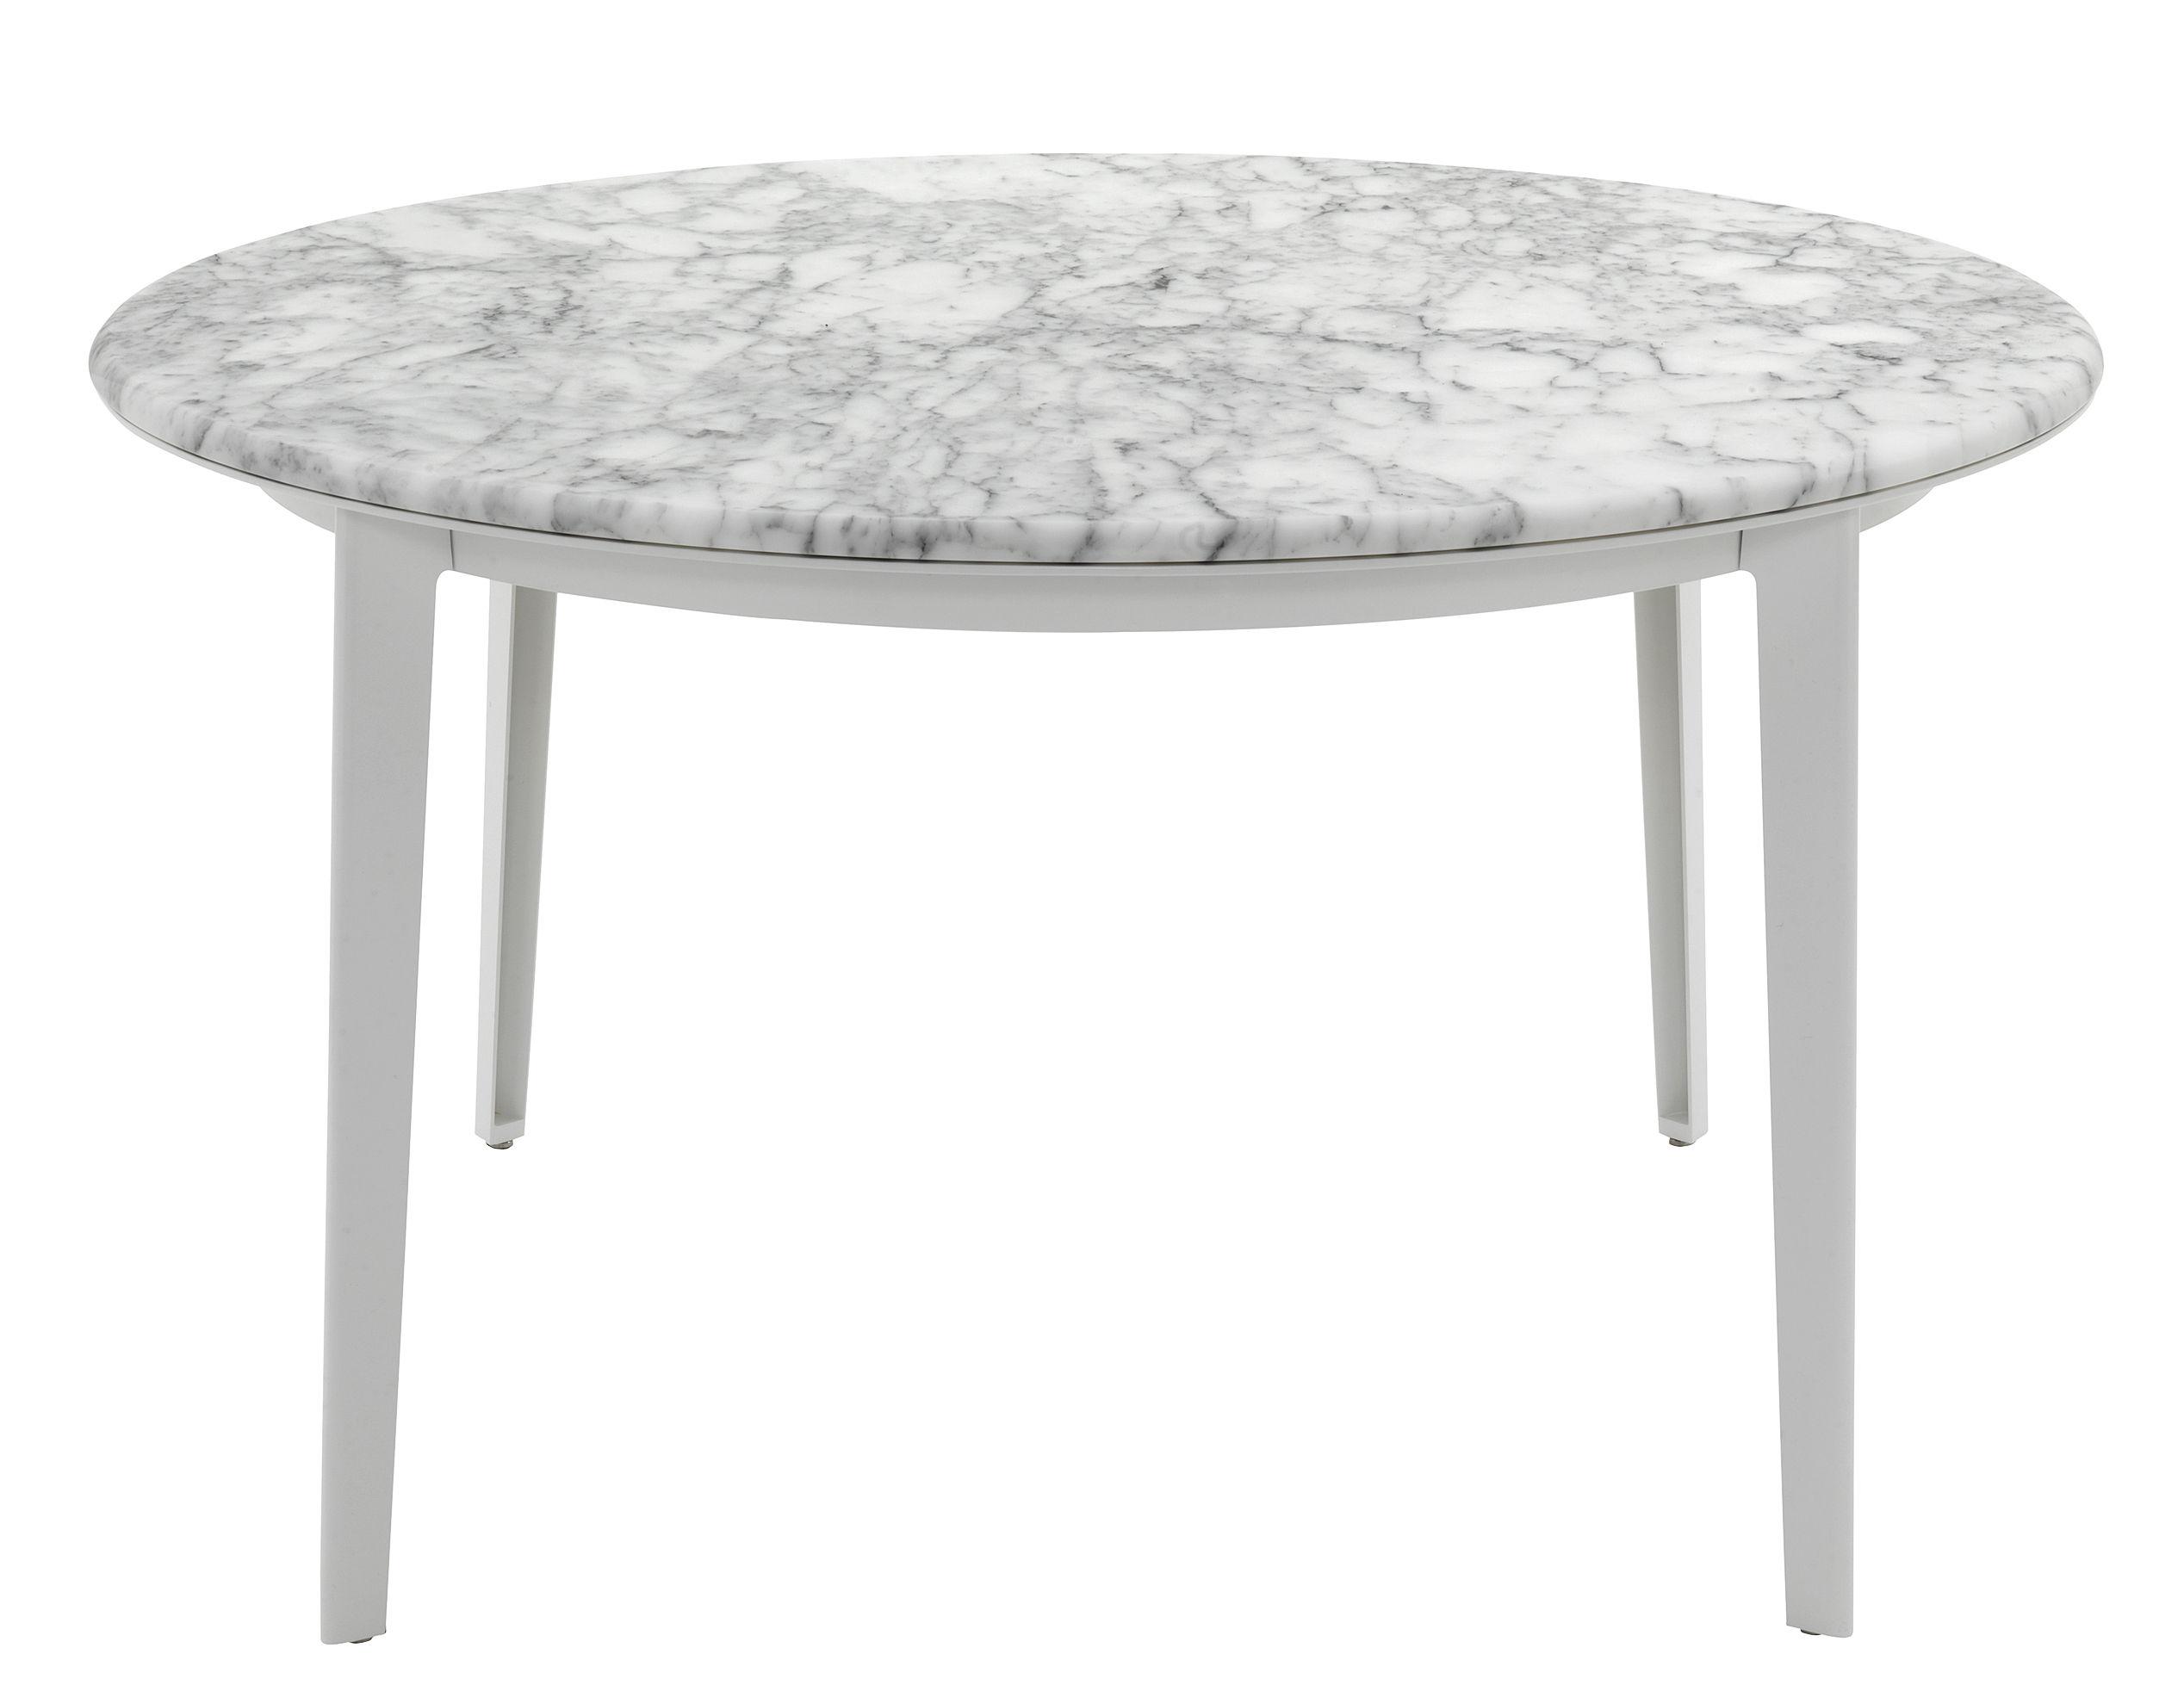 table railway plateau marbre 129 cm plateau en marbre blanc structure blanche de padova. Black Bedroom Furniture Sets. Home Design Ideas